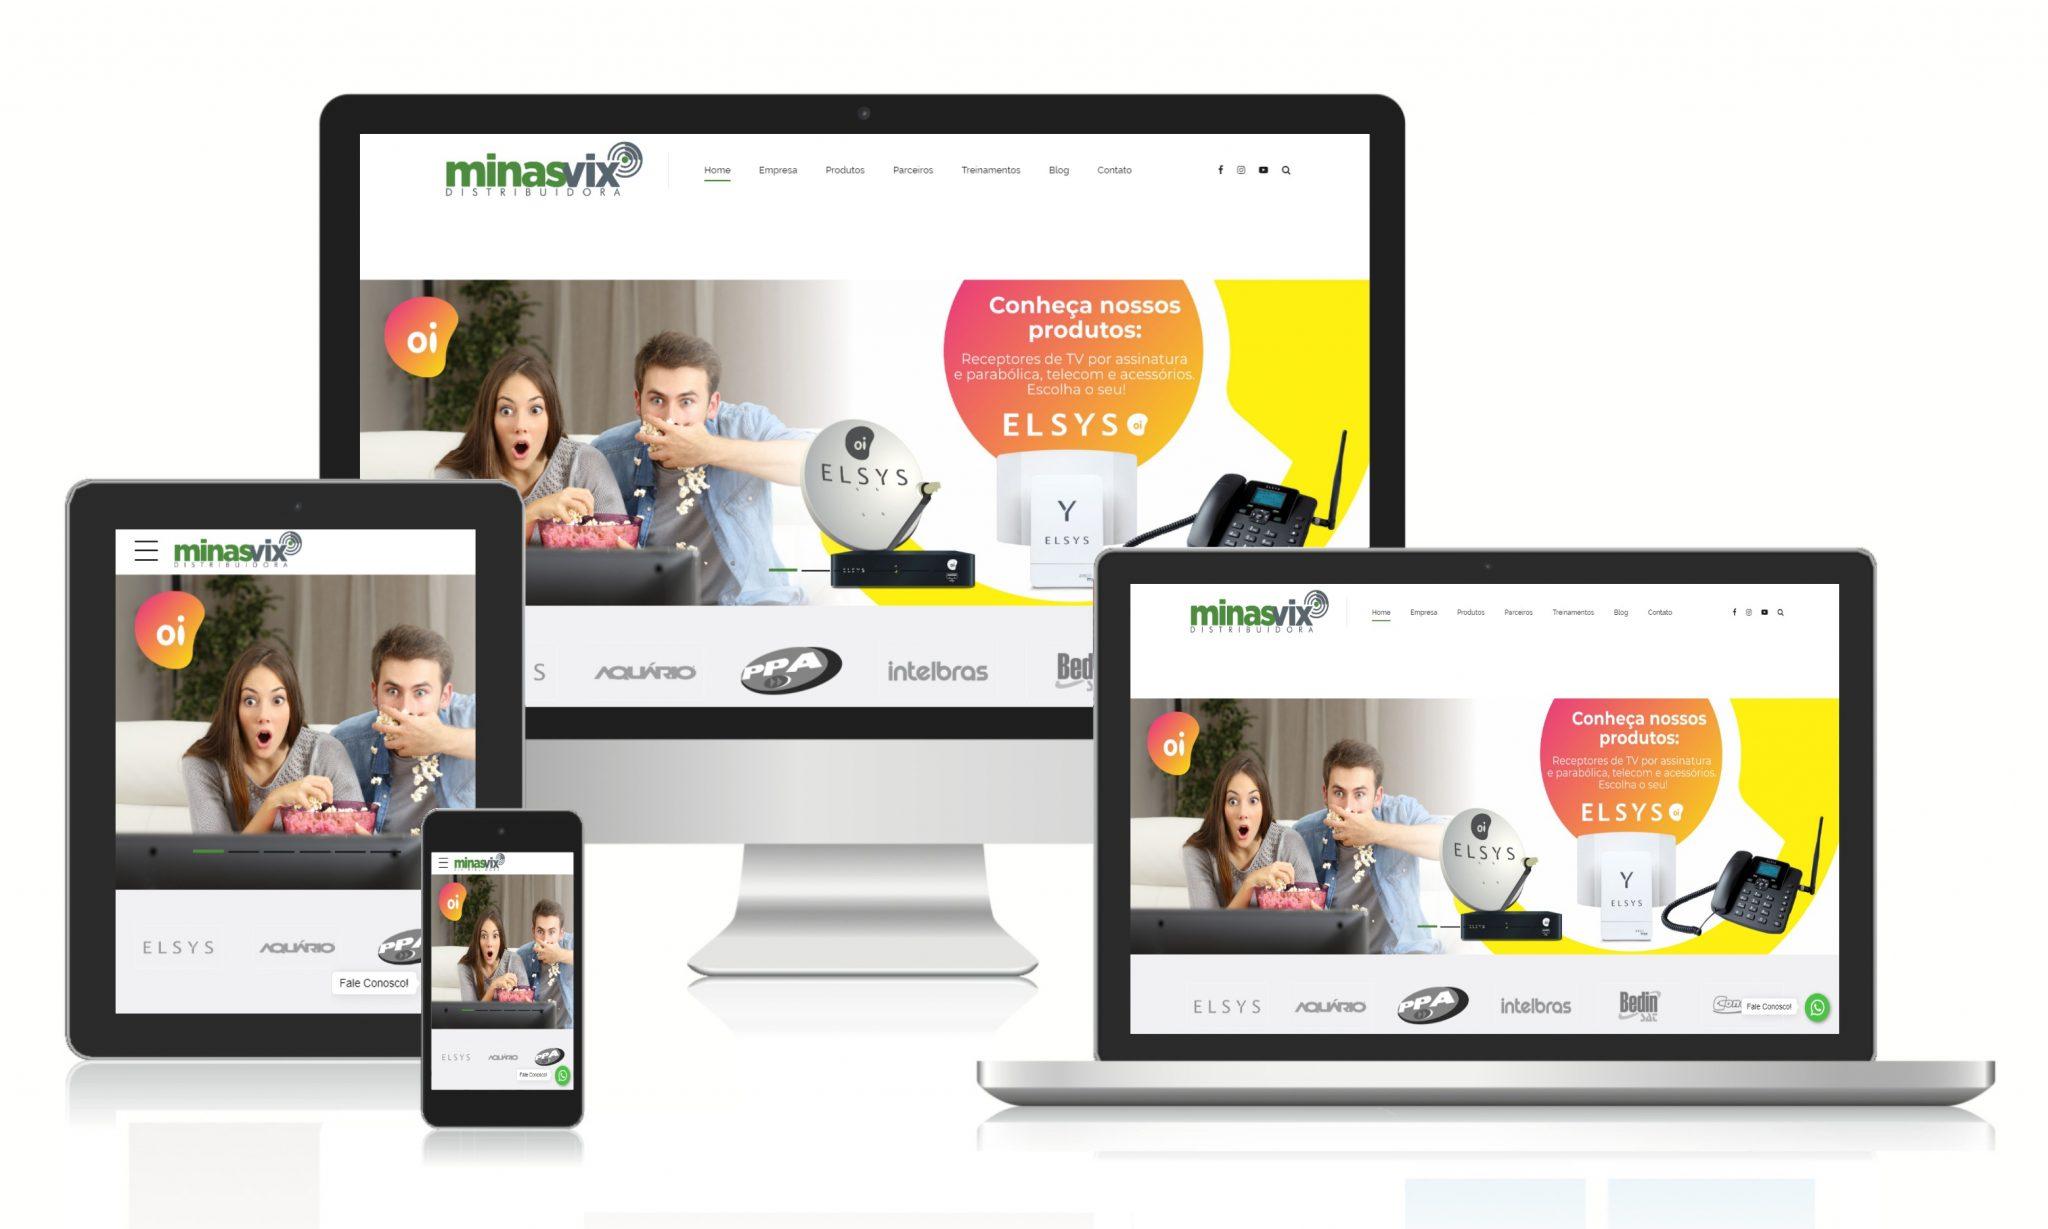 Ilustrações do site da distribuidora minasvix.